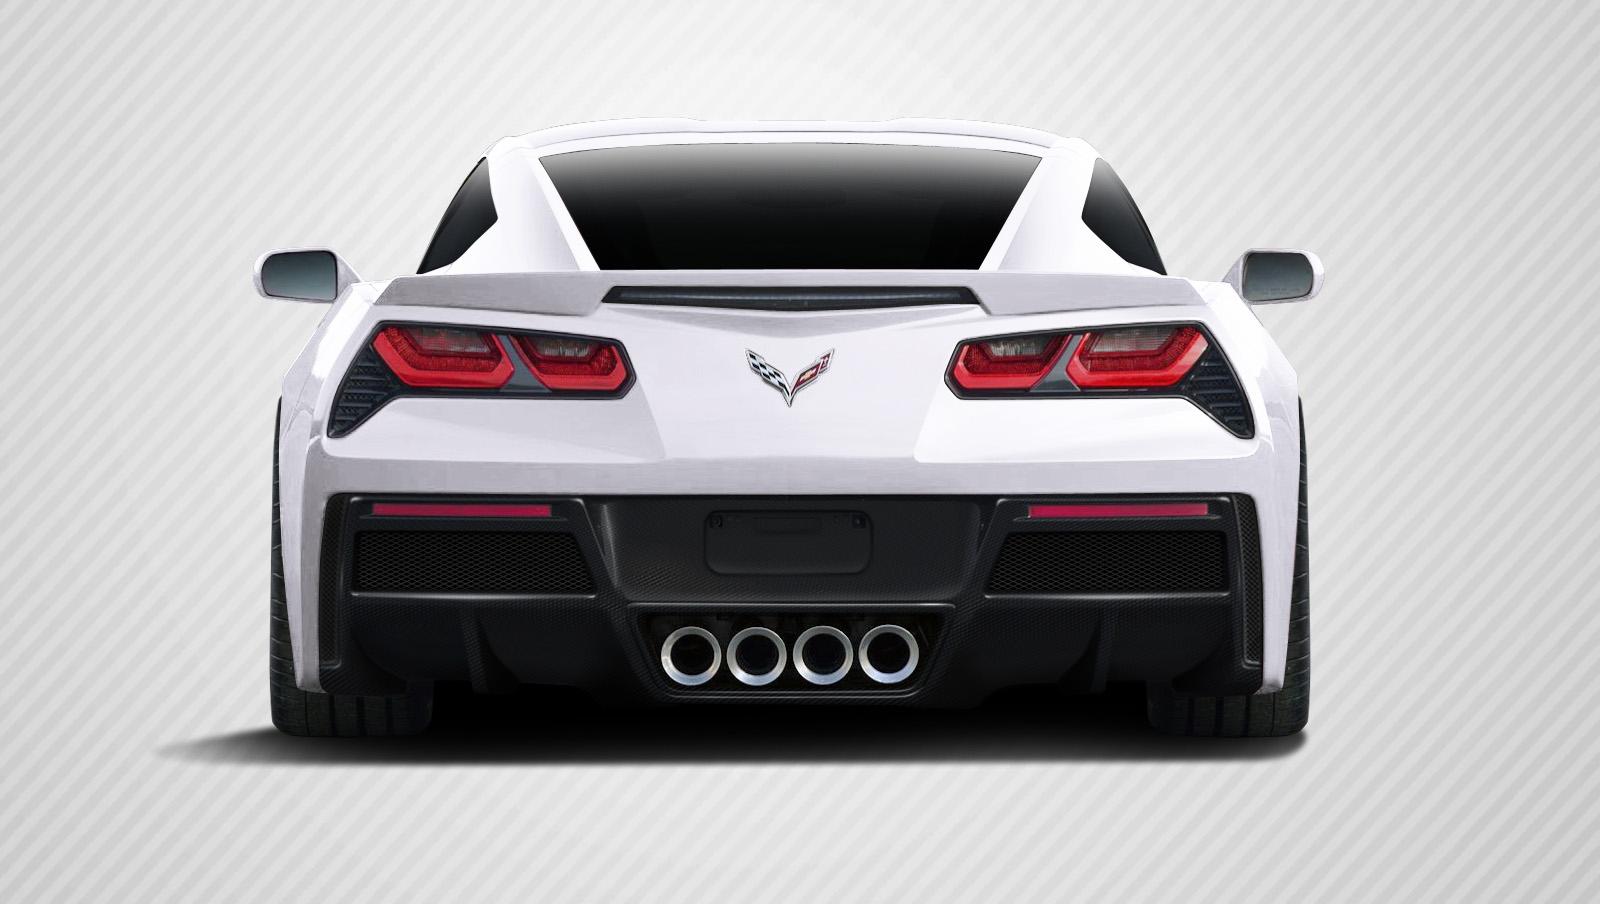 2016 Chevrolet Corvette ALL - Carbon Fiber Fibre Rear Lip/Add On Bodykit - Chevrolet Corvette C7 Carbon Creations Gran Veloce Rear Diffuser- 1 Piece